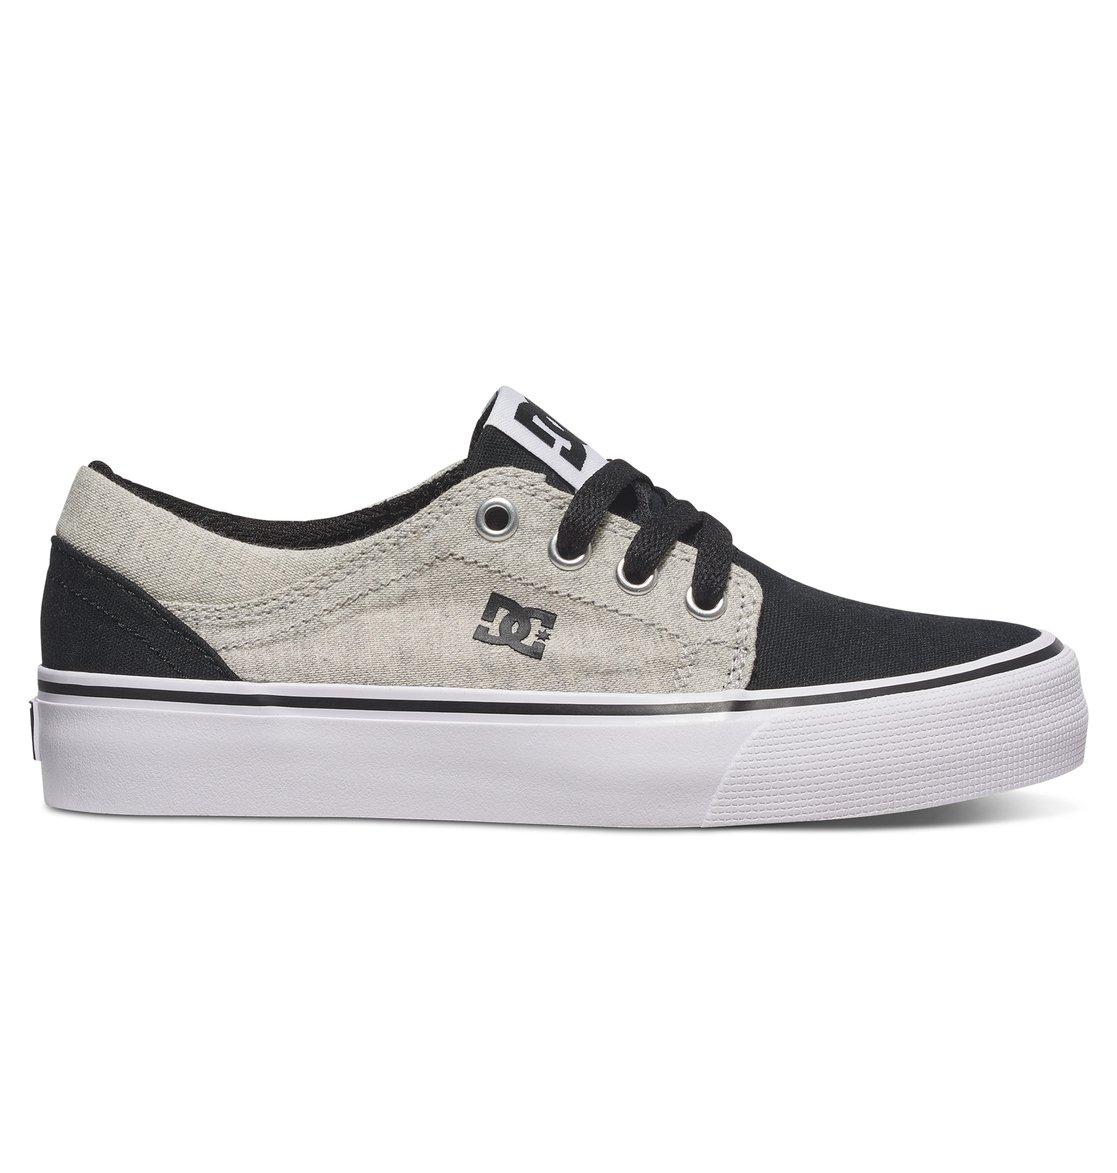 Chaussures de tennis Dc Shoes Trase Tx Se YbHOeC7Bx